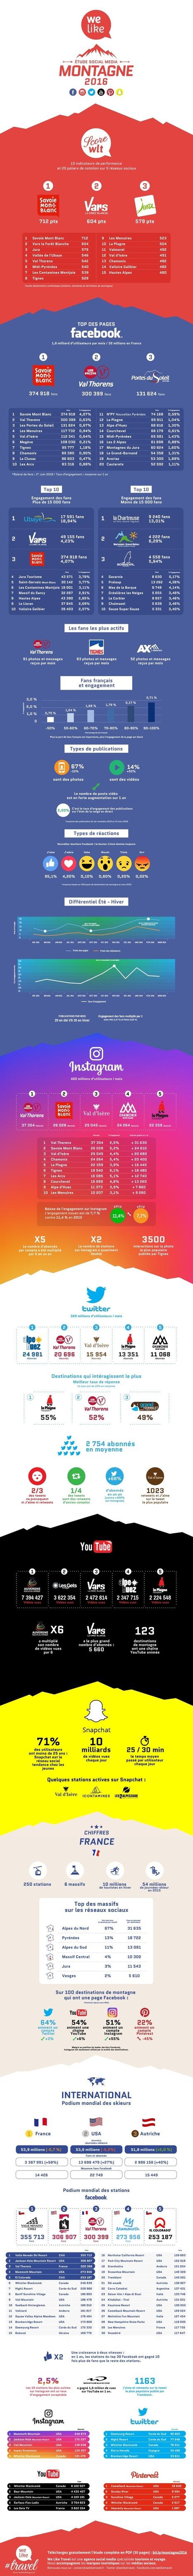 Étude Montagne et réseaux sociaux 2016 - We Like Travel | web@home    web-academy | Scoop.it